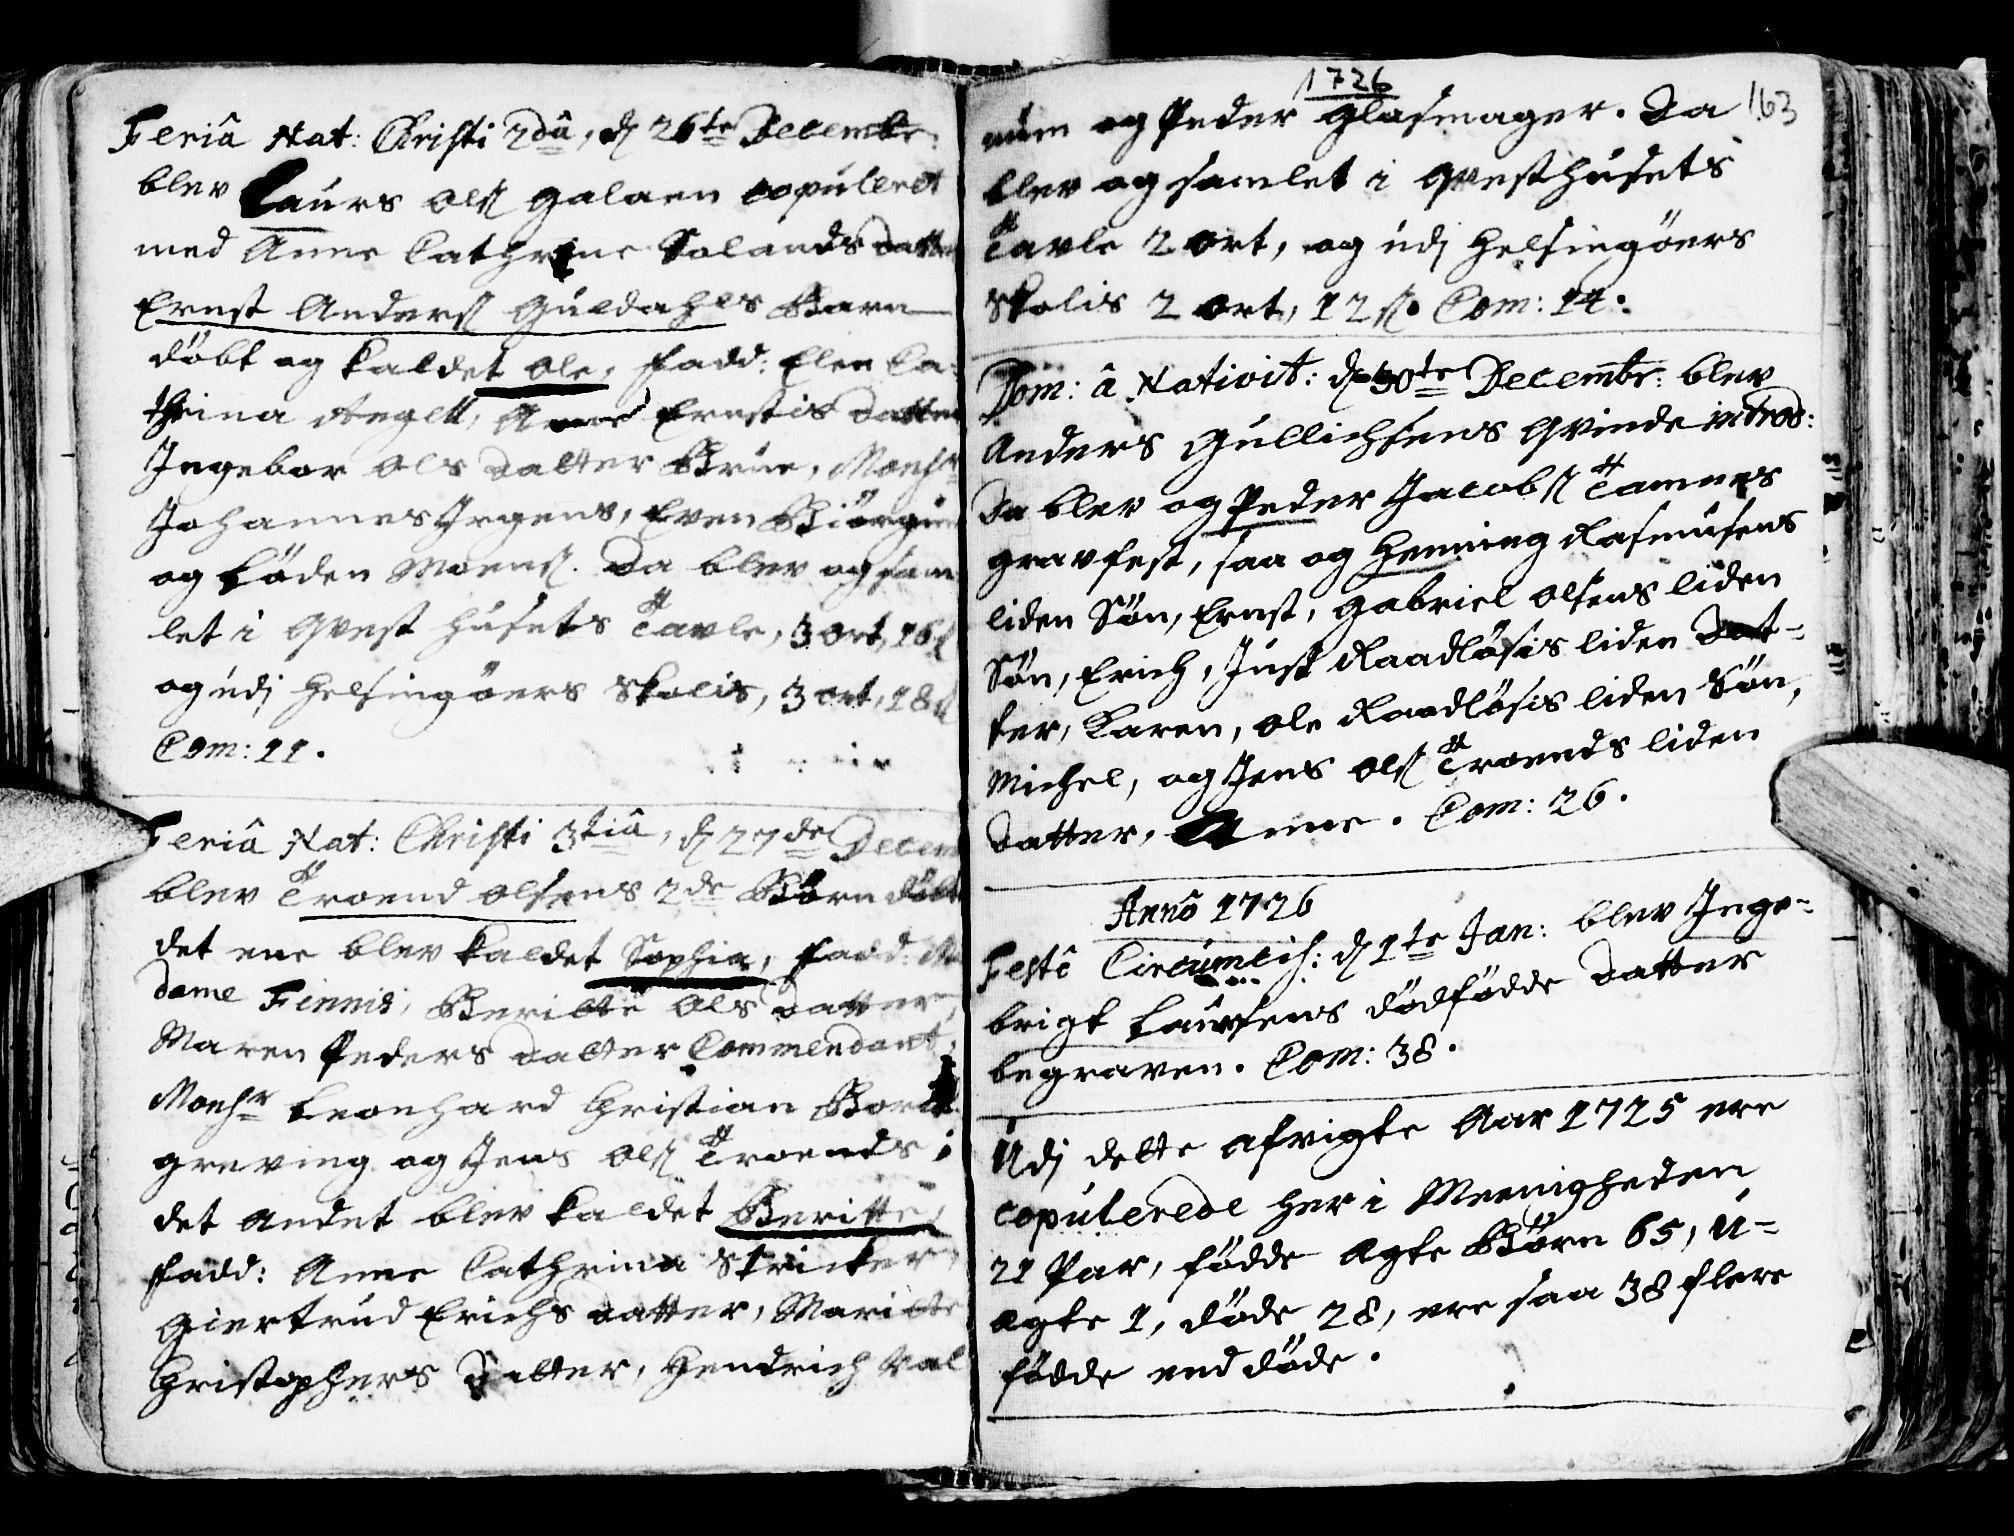 SAT, Ministerialprotokoller, klokkerbøker og fødselsregistre - Sør-Trøndelag, 681/L0924: Ministerialbok nr. 681A02, 1720-1731, s. 162-163